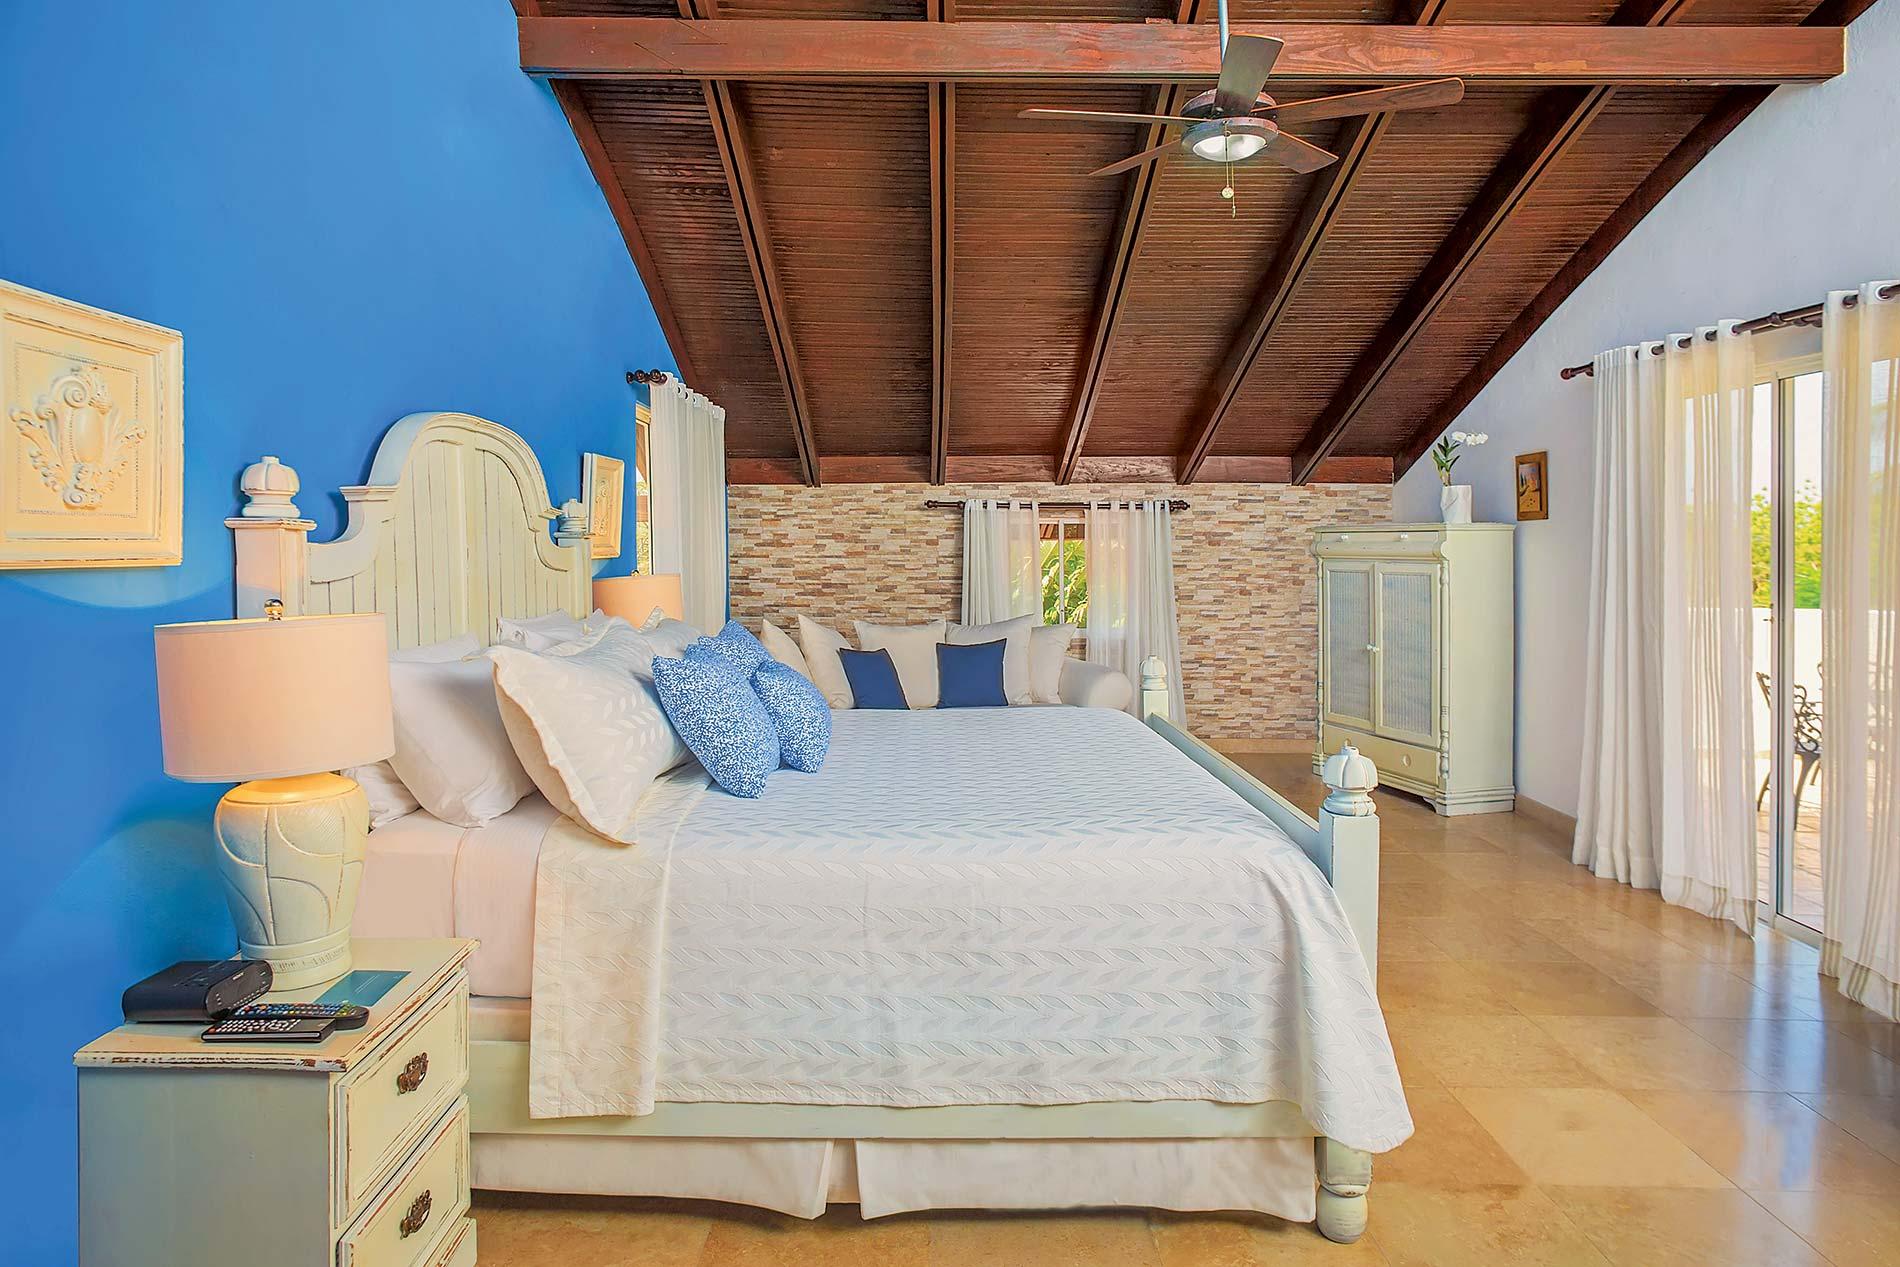 Villa Aqua in Casa de Campo Resort - sleeps 6 people